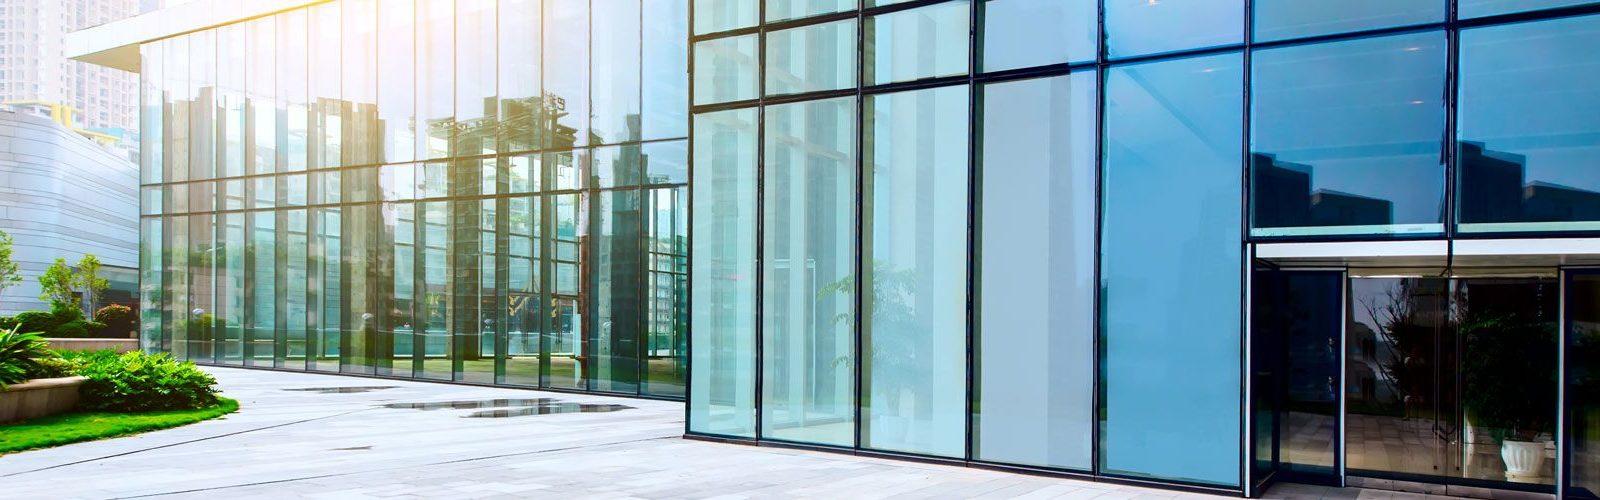 Full Size of Aluminium Fenster Glas Reus Gmbh Co Kg Sichern Gegen Einbruch 3 Fach Verglasung Schräge Abdunkeln Jemako Velux Einbauen Günstige Veka Meeth Schüko Fenster Aluminium Fenster